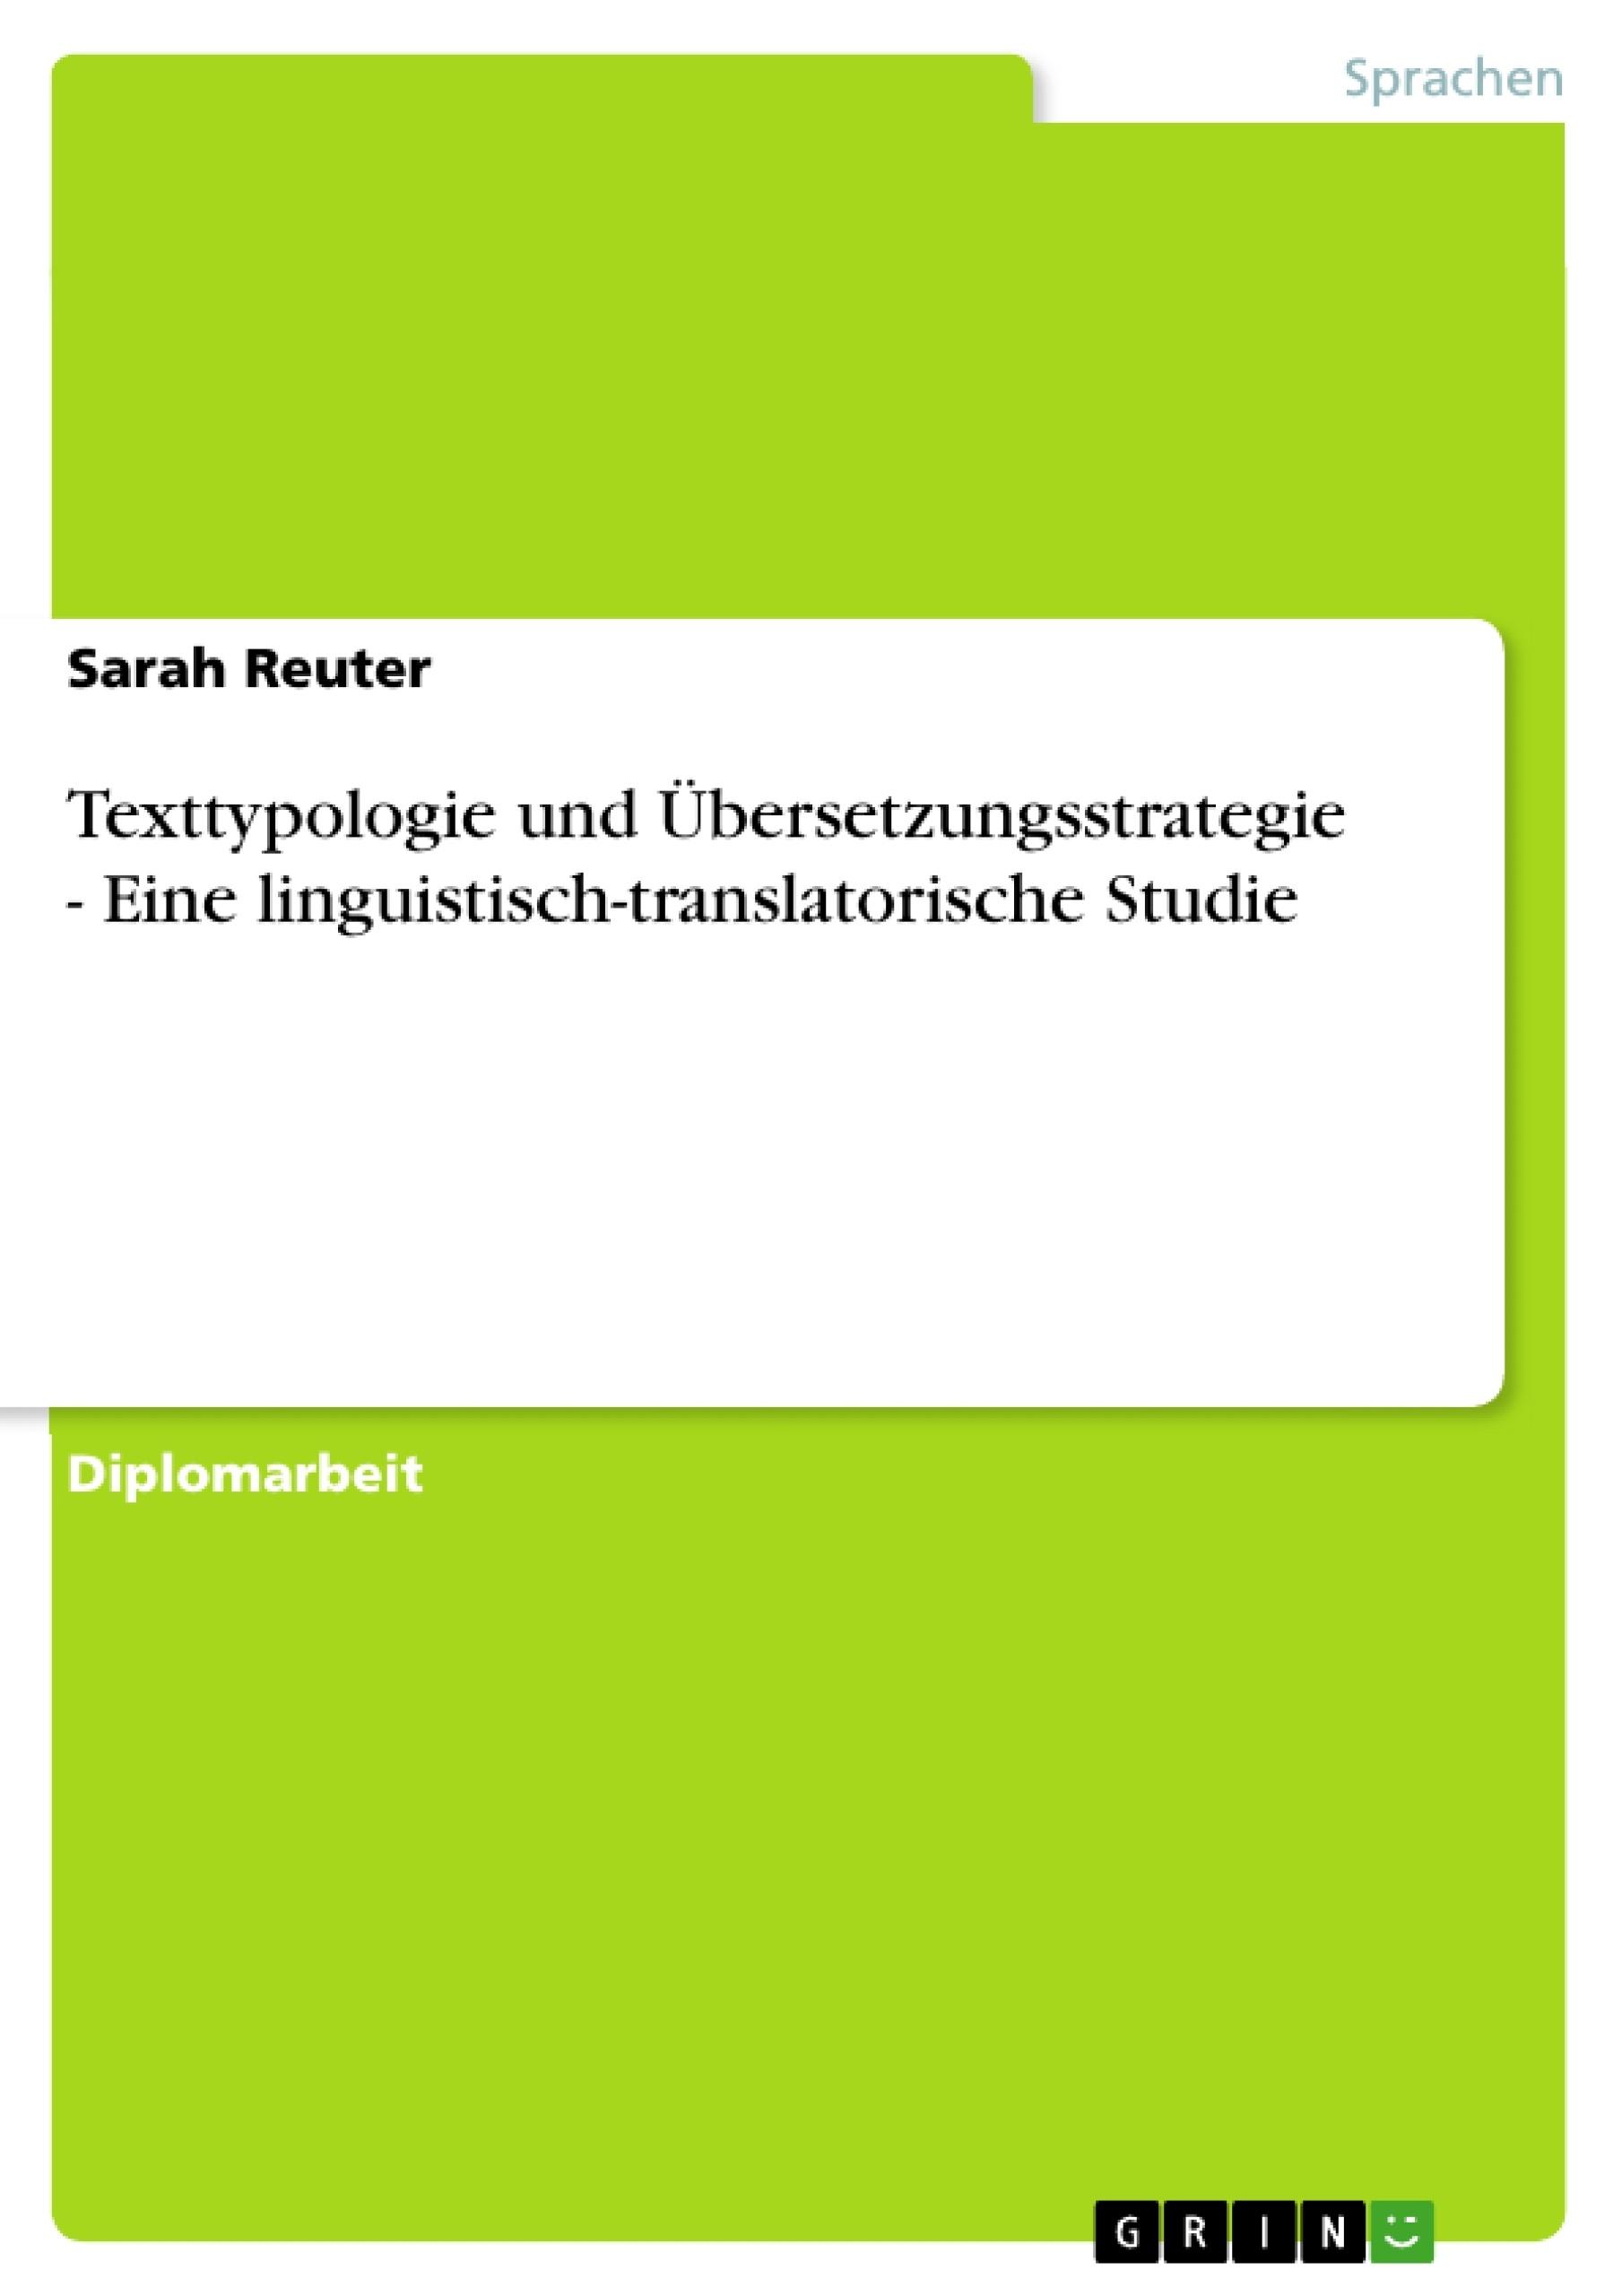 Titel: Texttypologie und Übersetzungsstrategie - Eine linguistisch-translatorische Studie